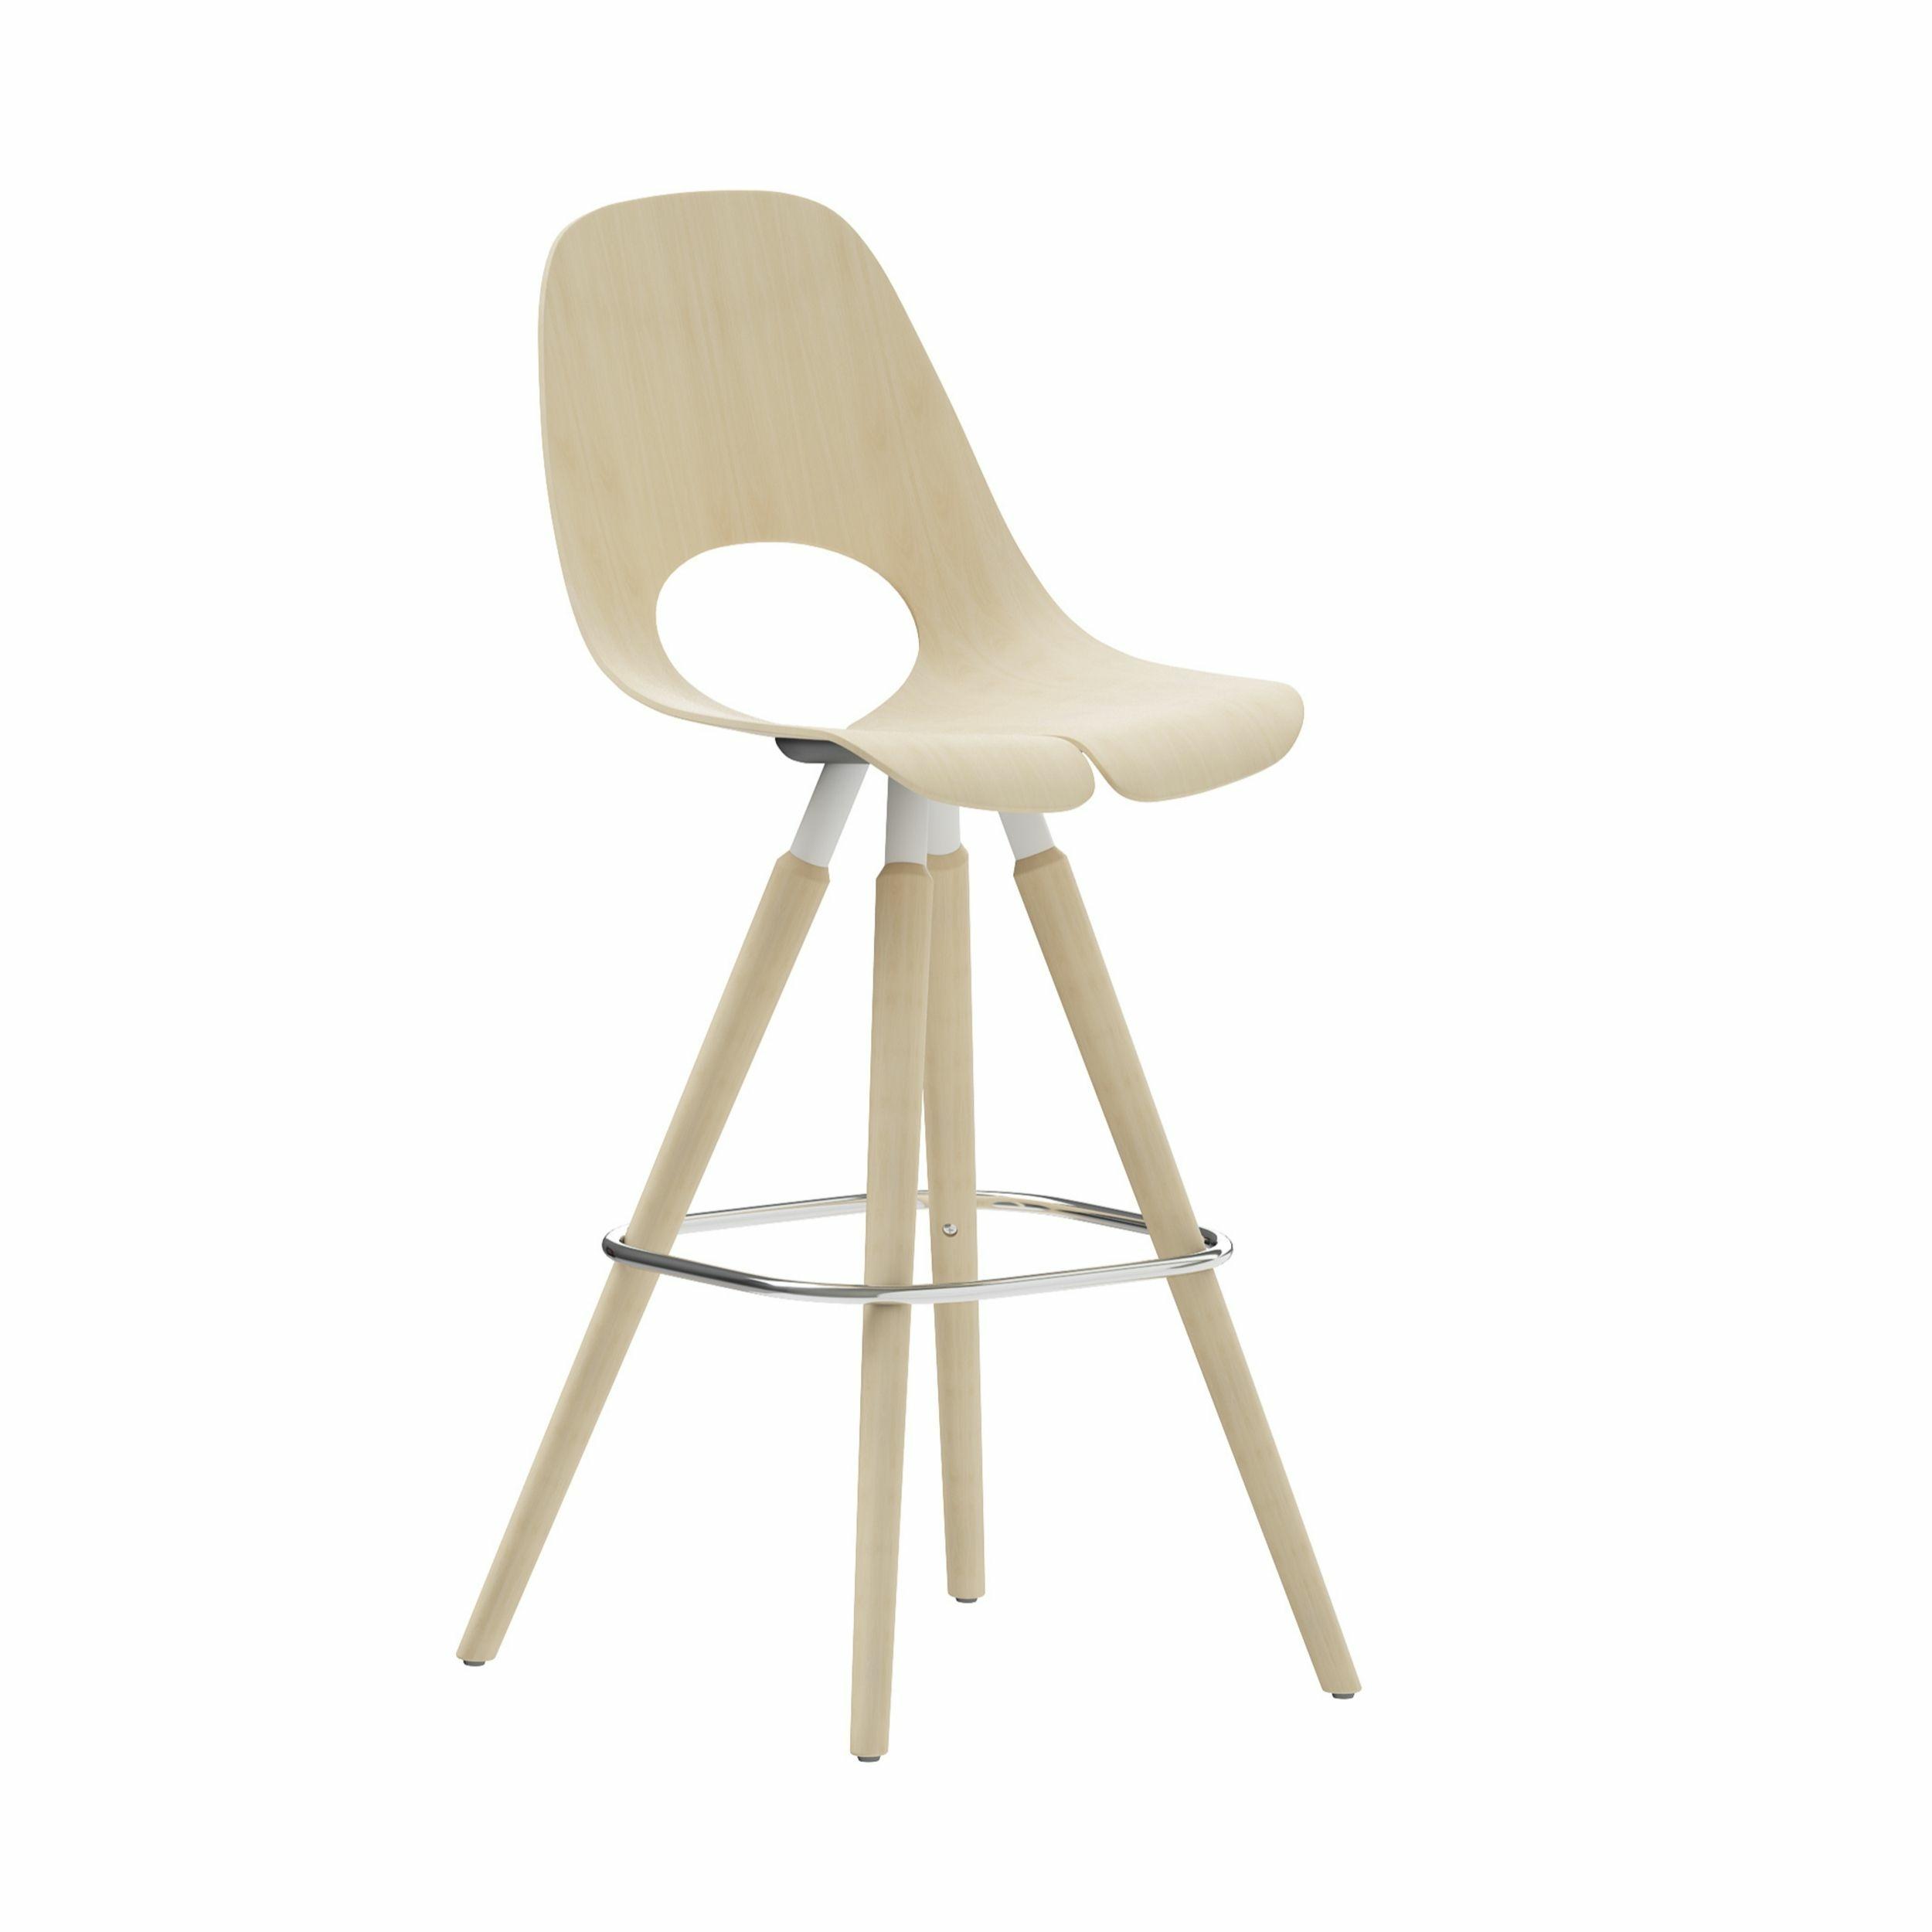 Chaise haute avec pieds en bois Tauko